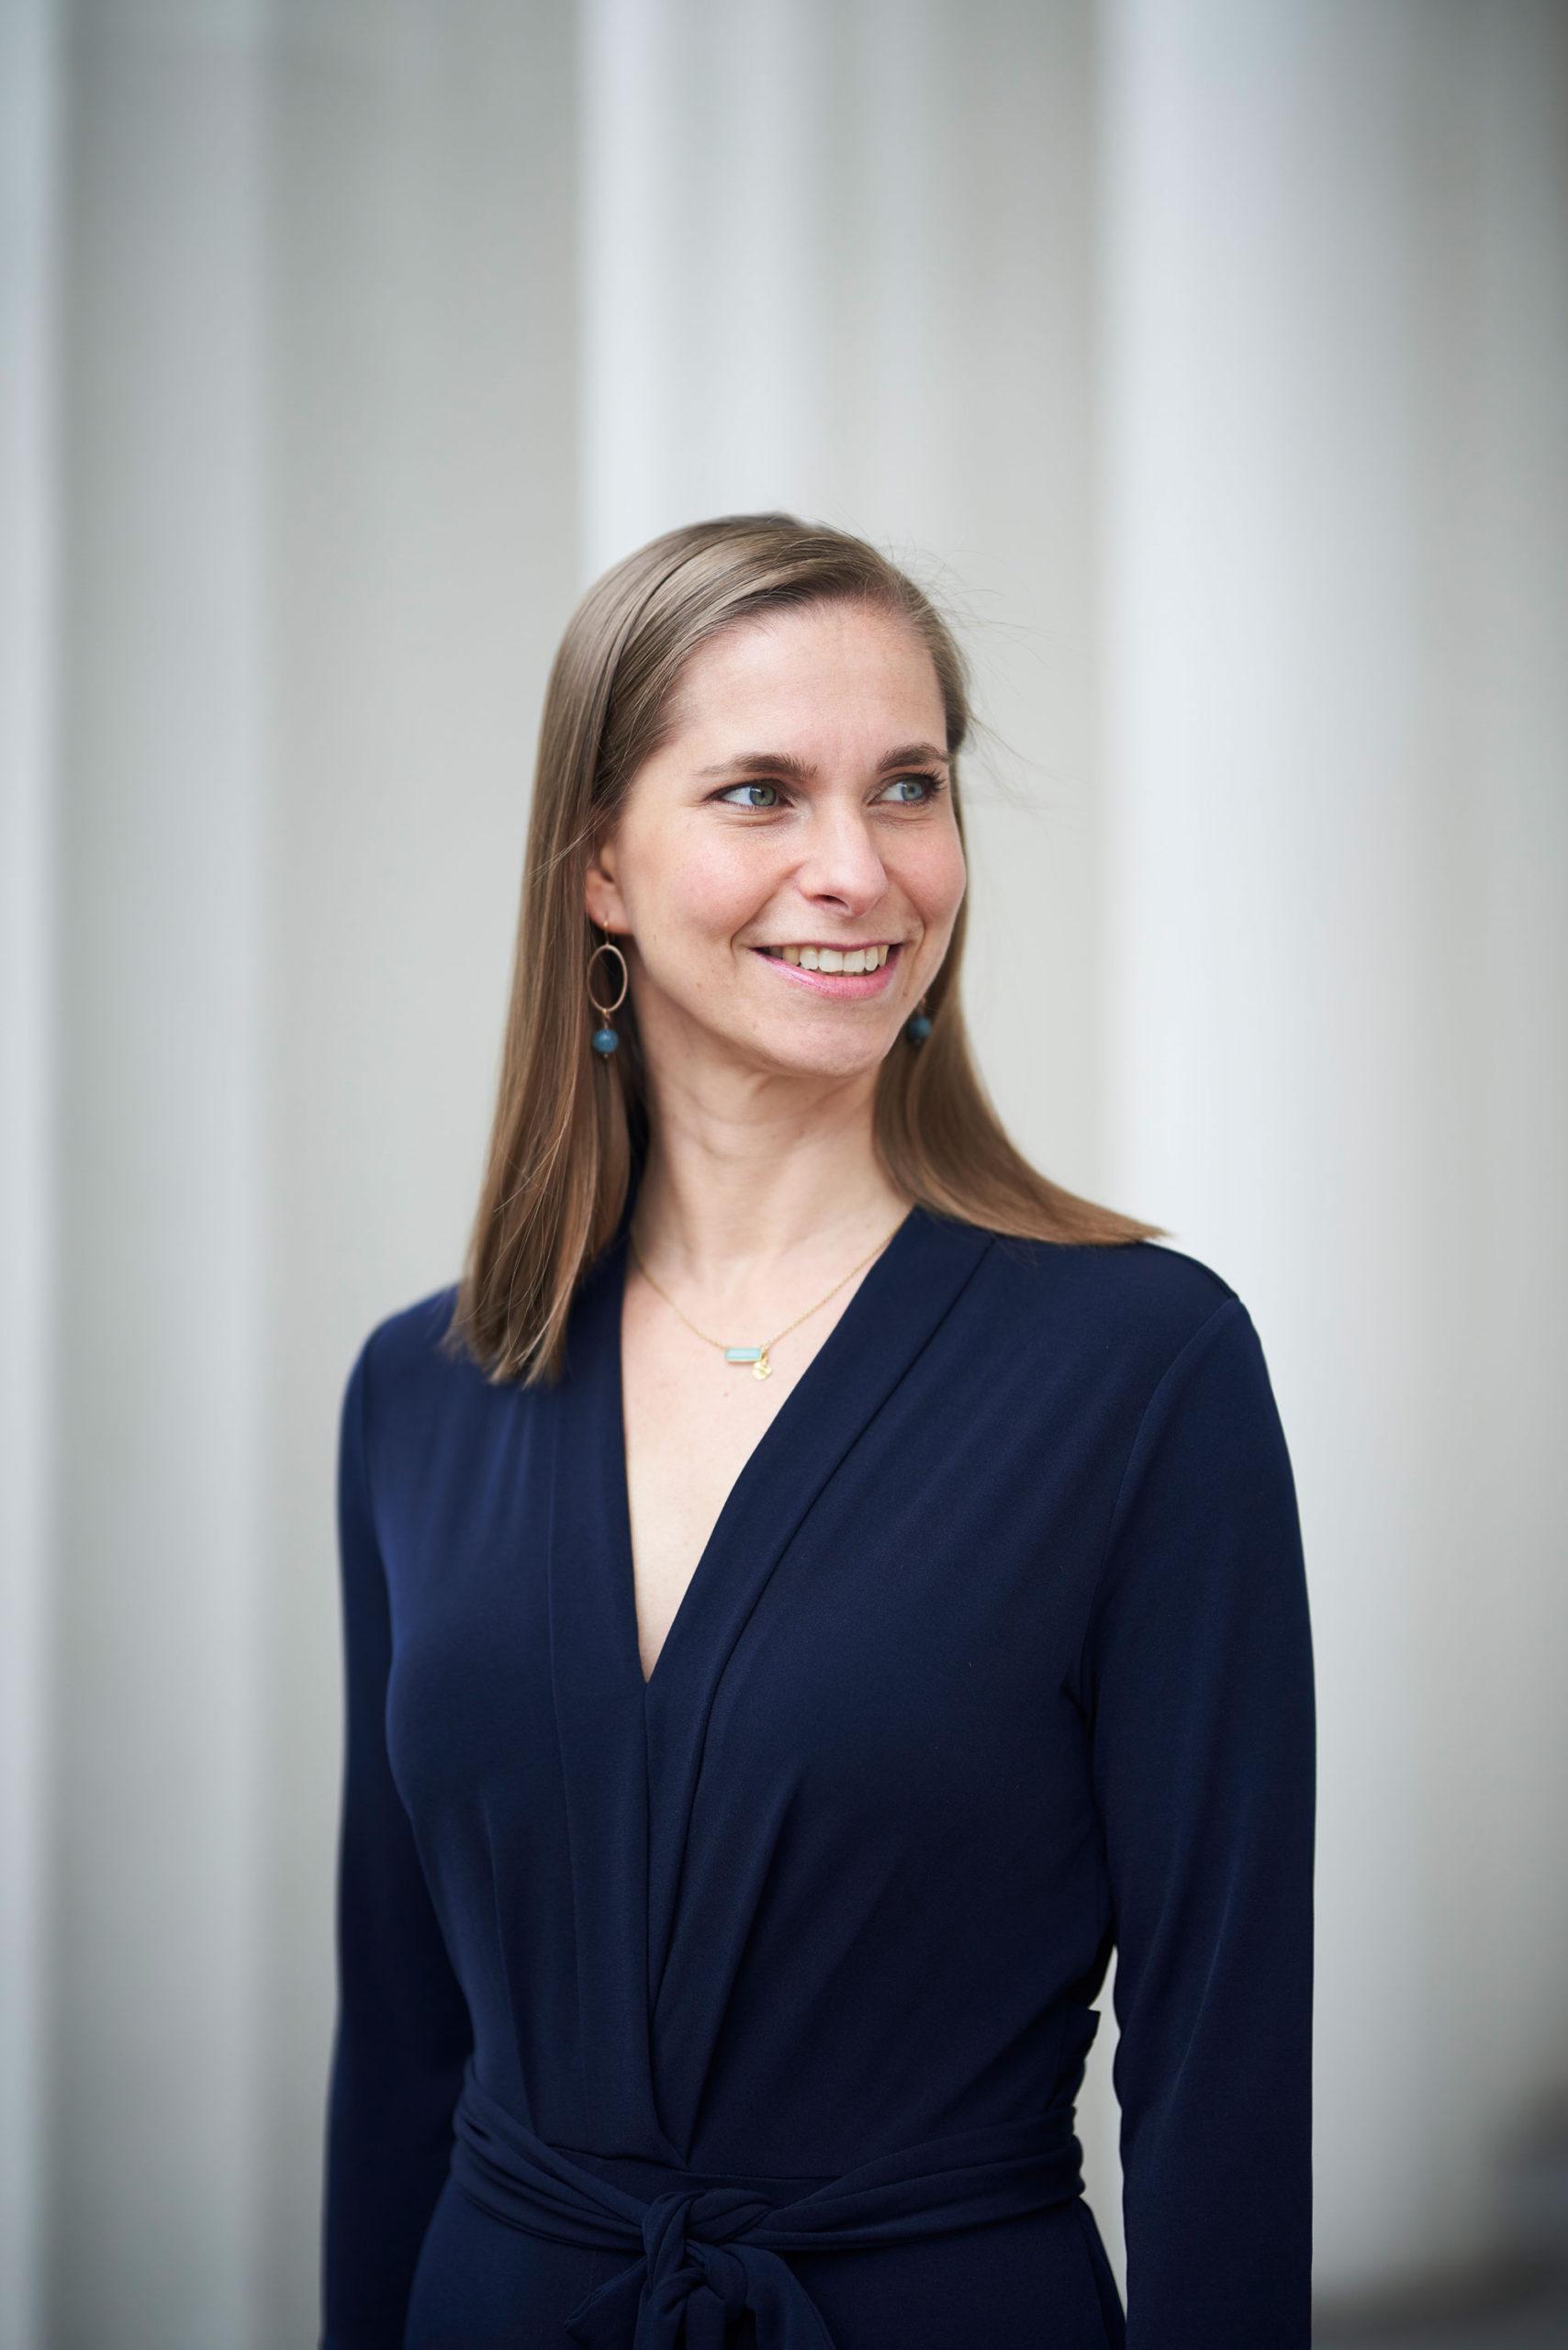 Julia Niedenzu — Coaching für Veränderung und Wachstum